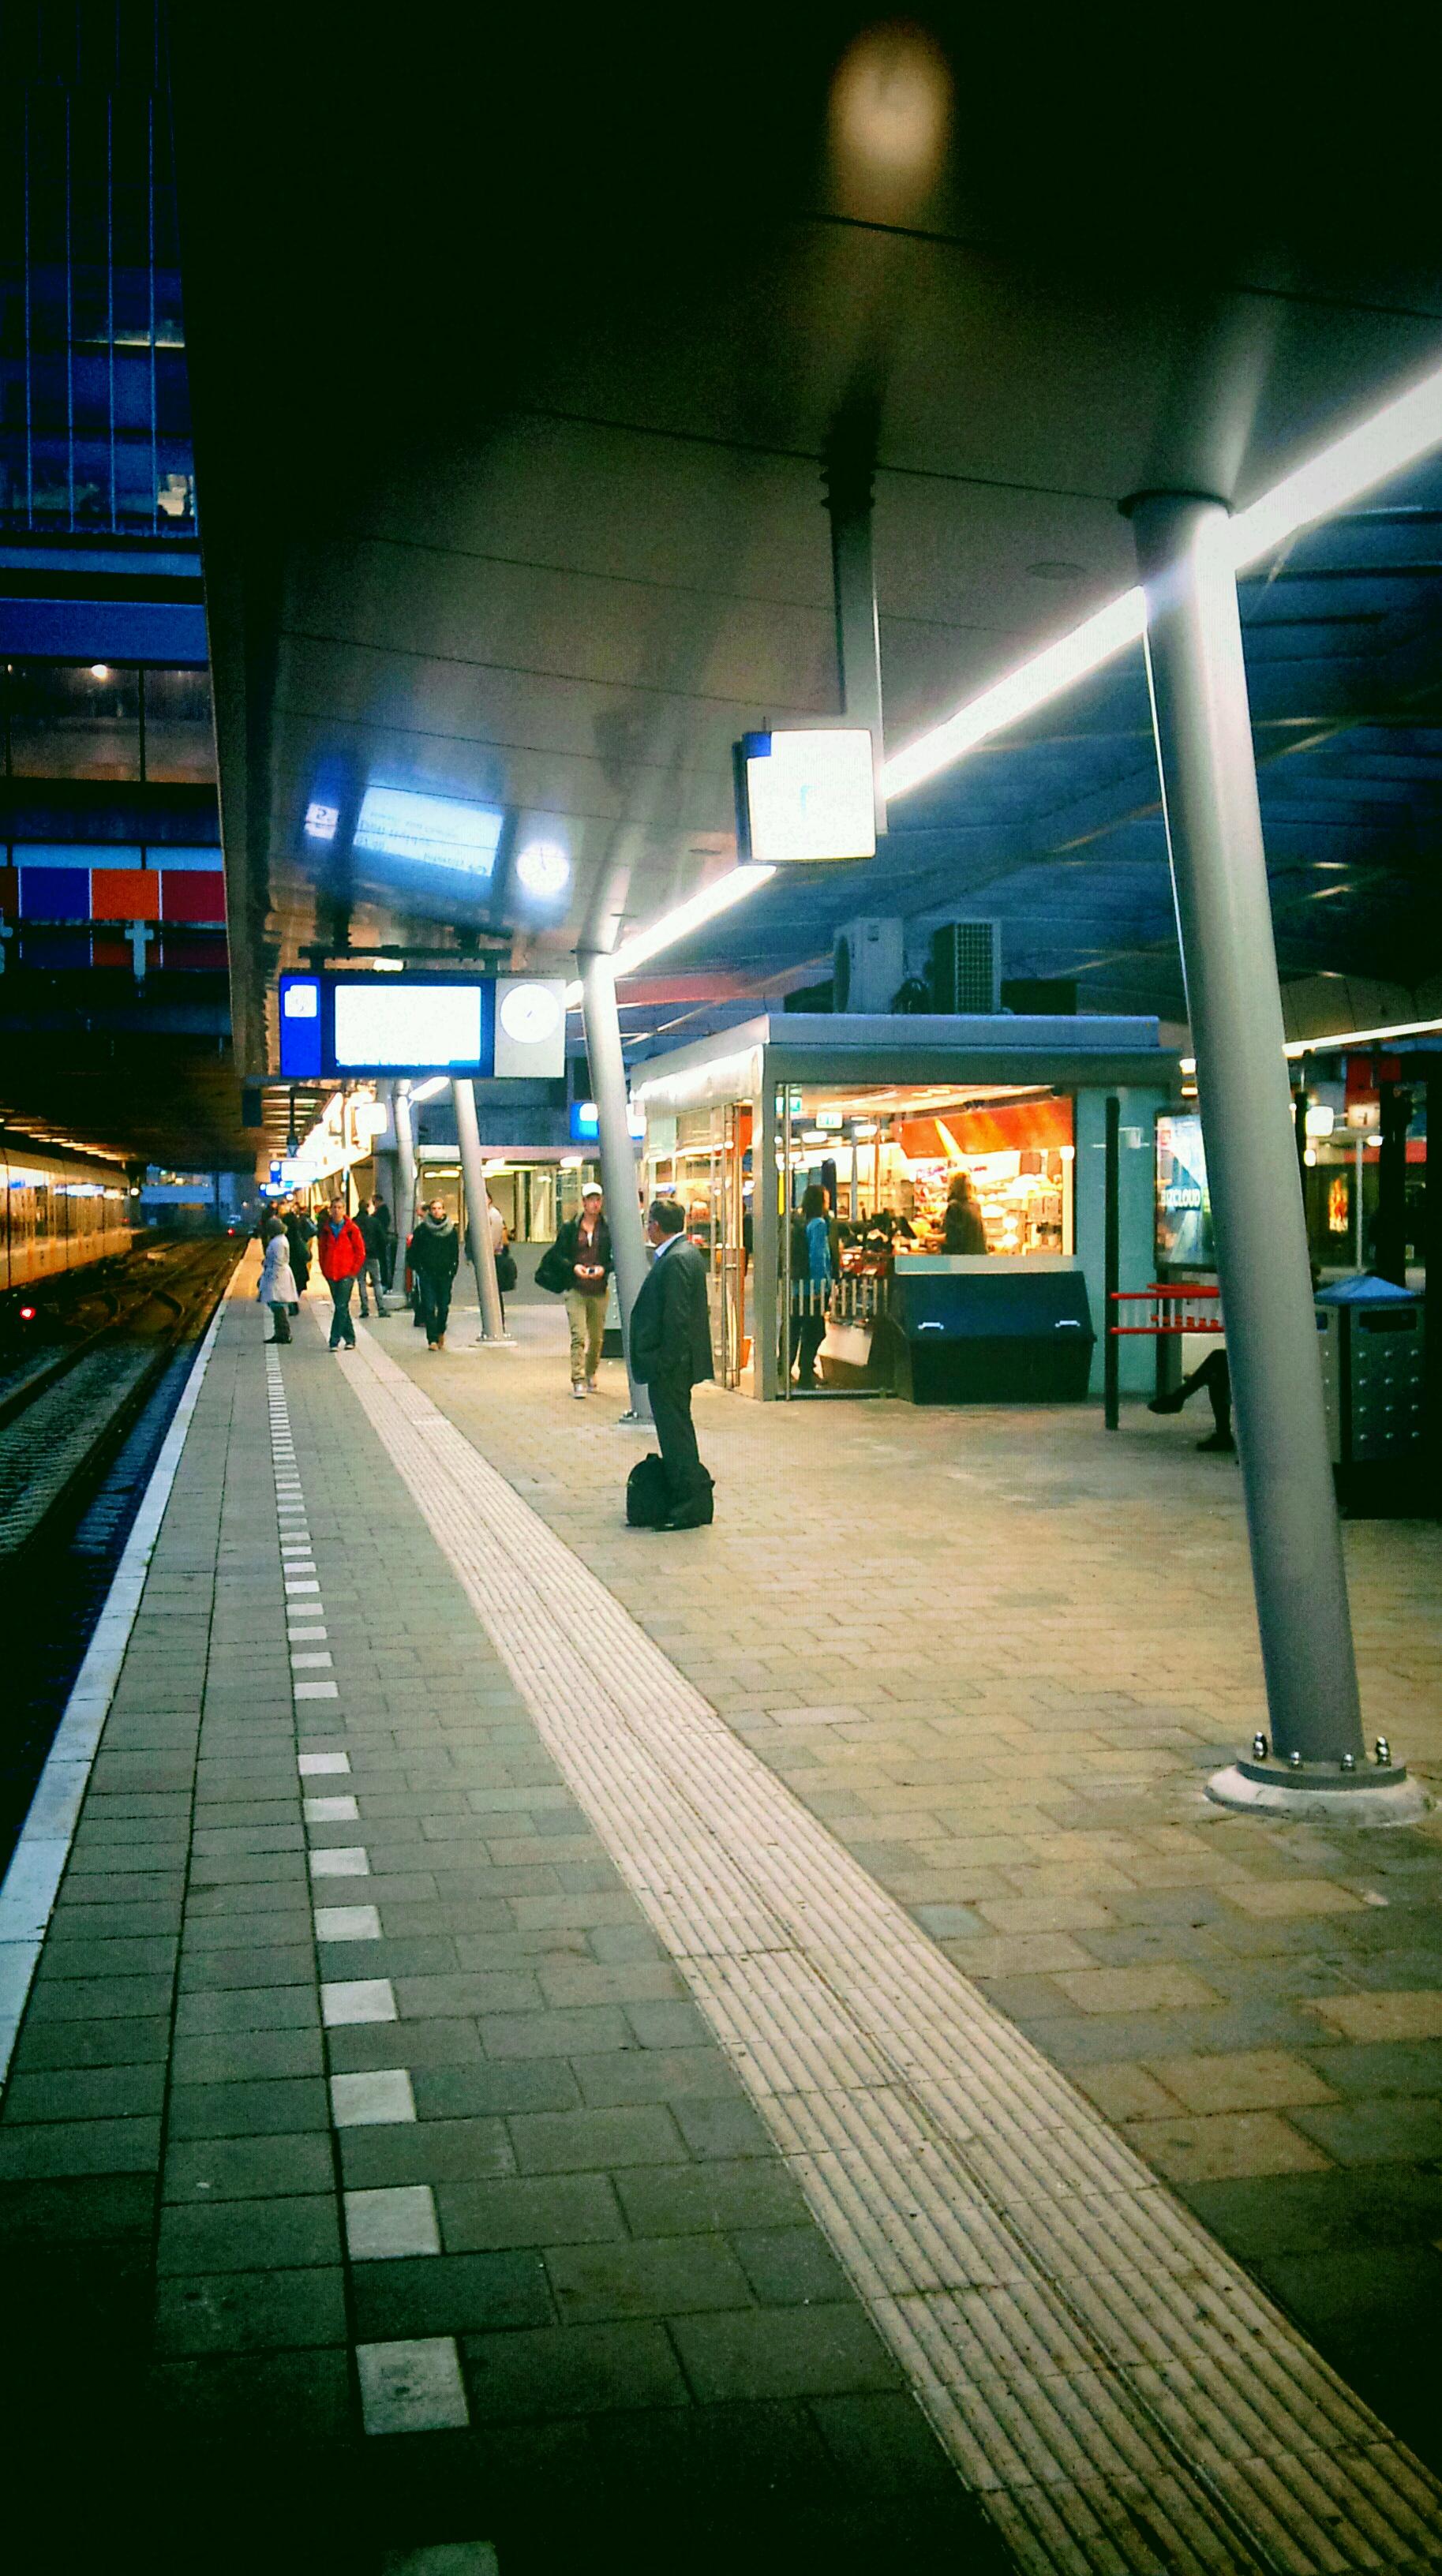 De kiosk is weer open op spoor 4 na grondige verbouwing @ 28-09-2012 09:34u